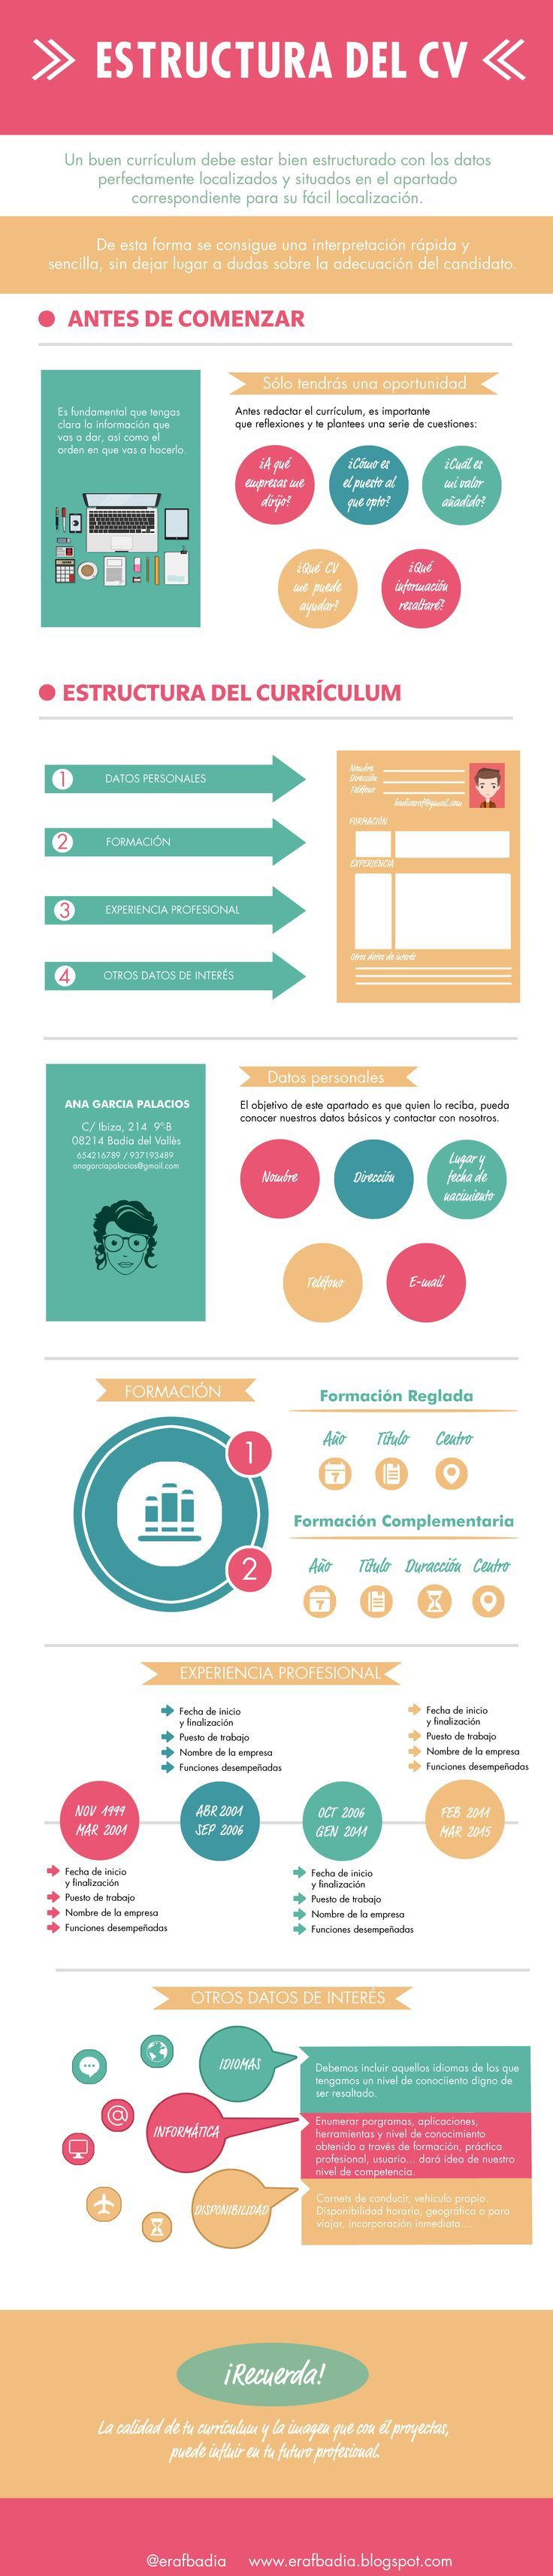 #Infografía: Estructura y contenido del #currículum http://erafbadia.blogspot.com.es/2015/04/estructura-y-contenido-del-curriculum.html#.VTH4DCHtmkp #infografia #infographic #empleo #rrhh